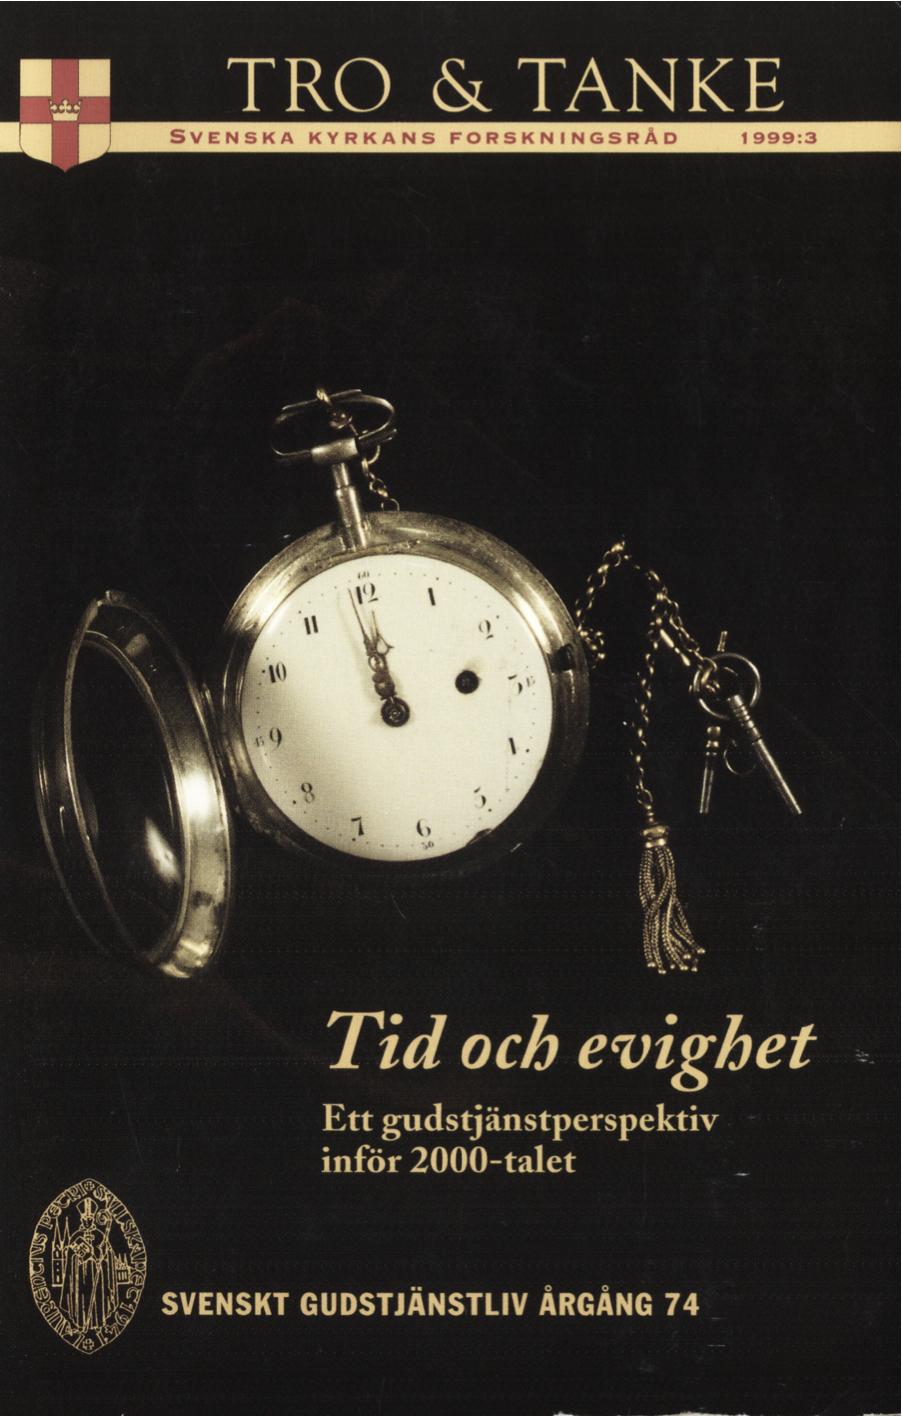 Visa Vol 74 (1999): Tid och evighet Ett gudstjänstperspektiv inför 2000-talet